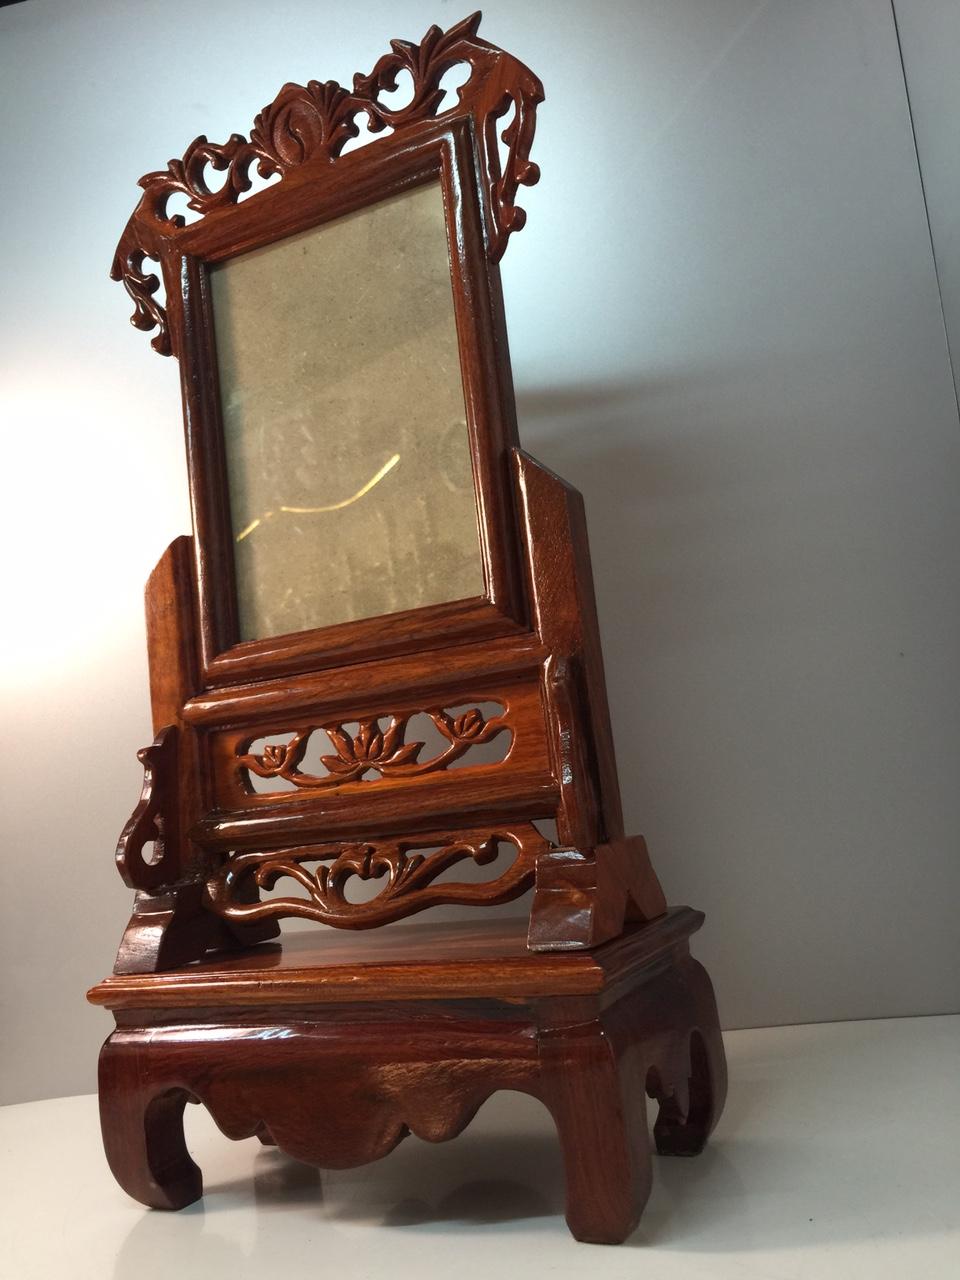 Đôn, Đế kê khung ảnh thờ ( giúp khung ảnh không bị che lấp) đế gôc hương